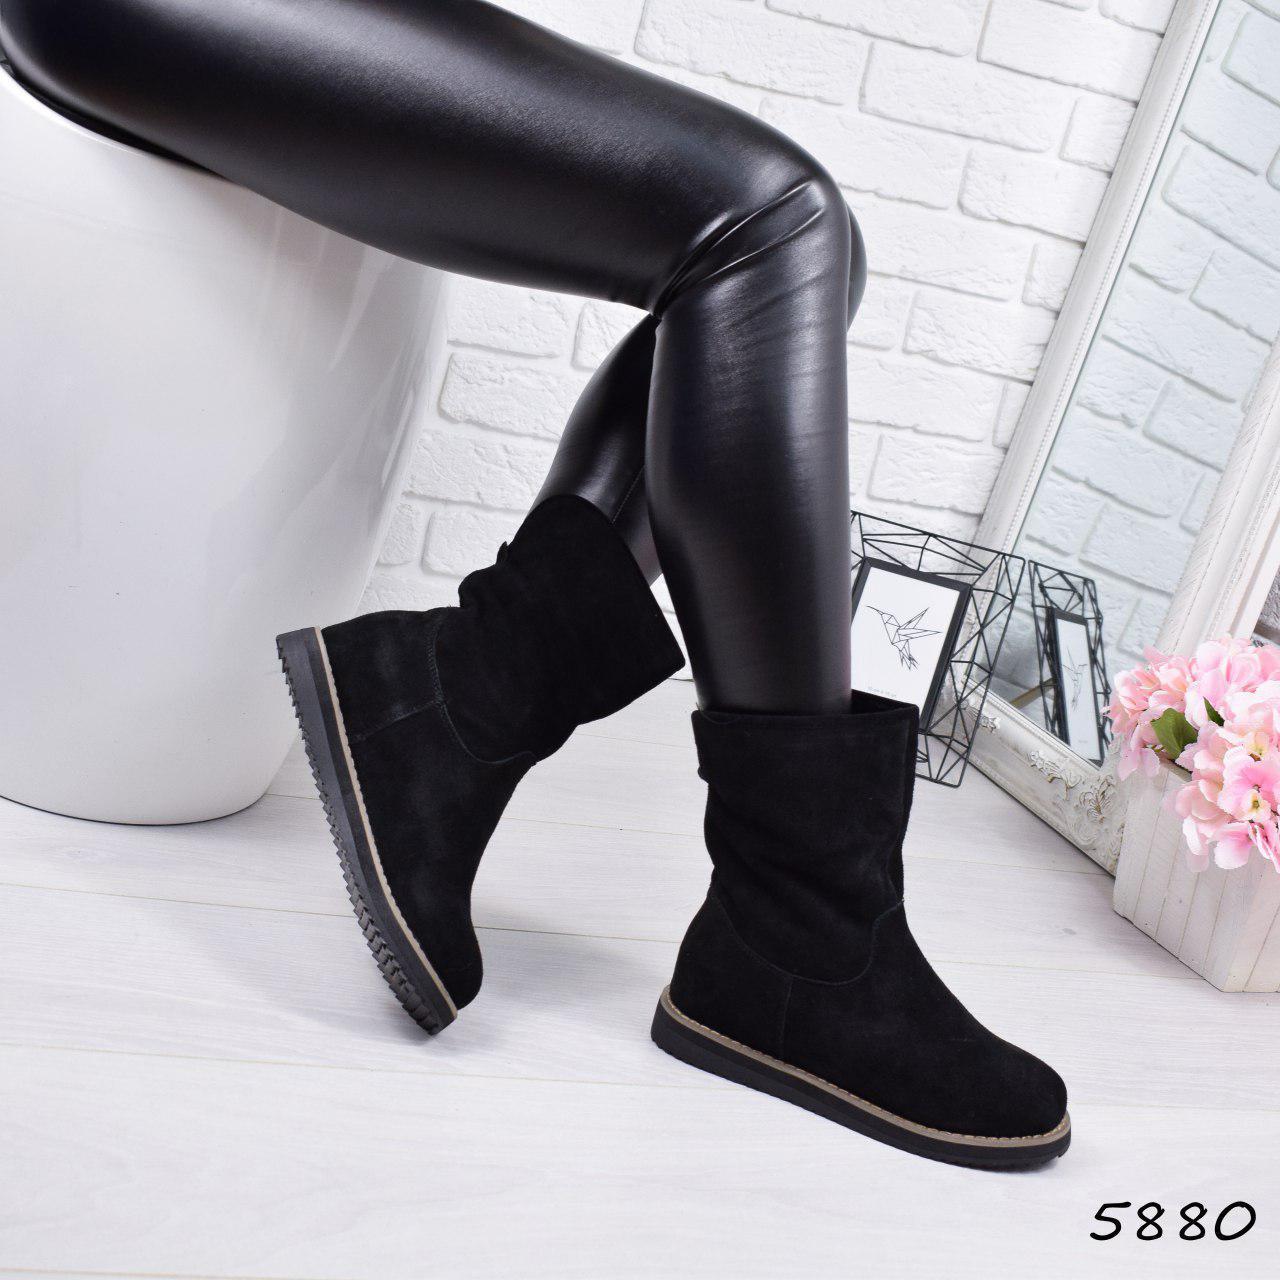 """Ботинки, ботильоны черные ЗИМА """"Birgit"""" НАТУРАЛЬНАЯ ЗАМША, повседневная, зимняя, теплая, женская обувь"""